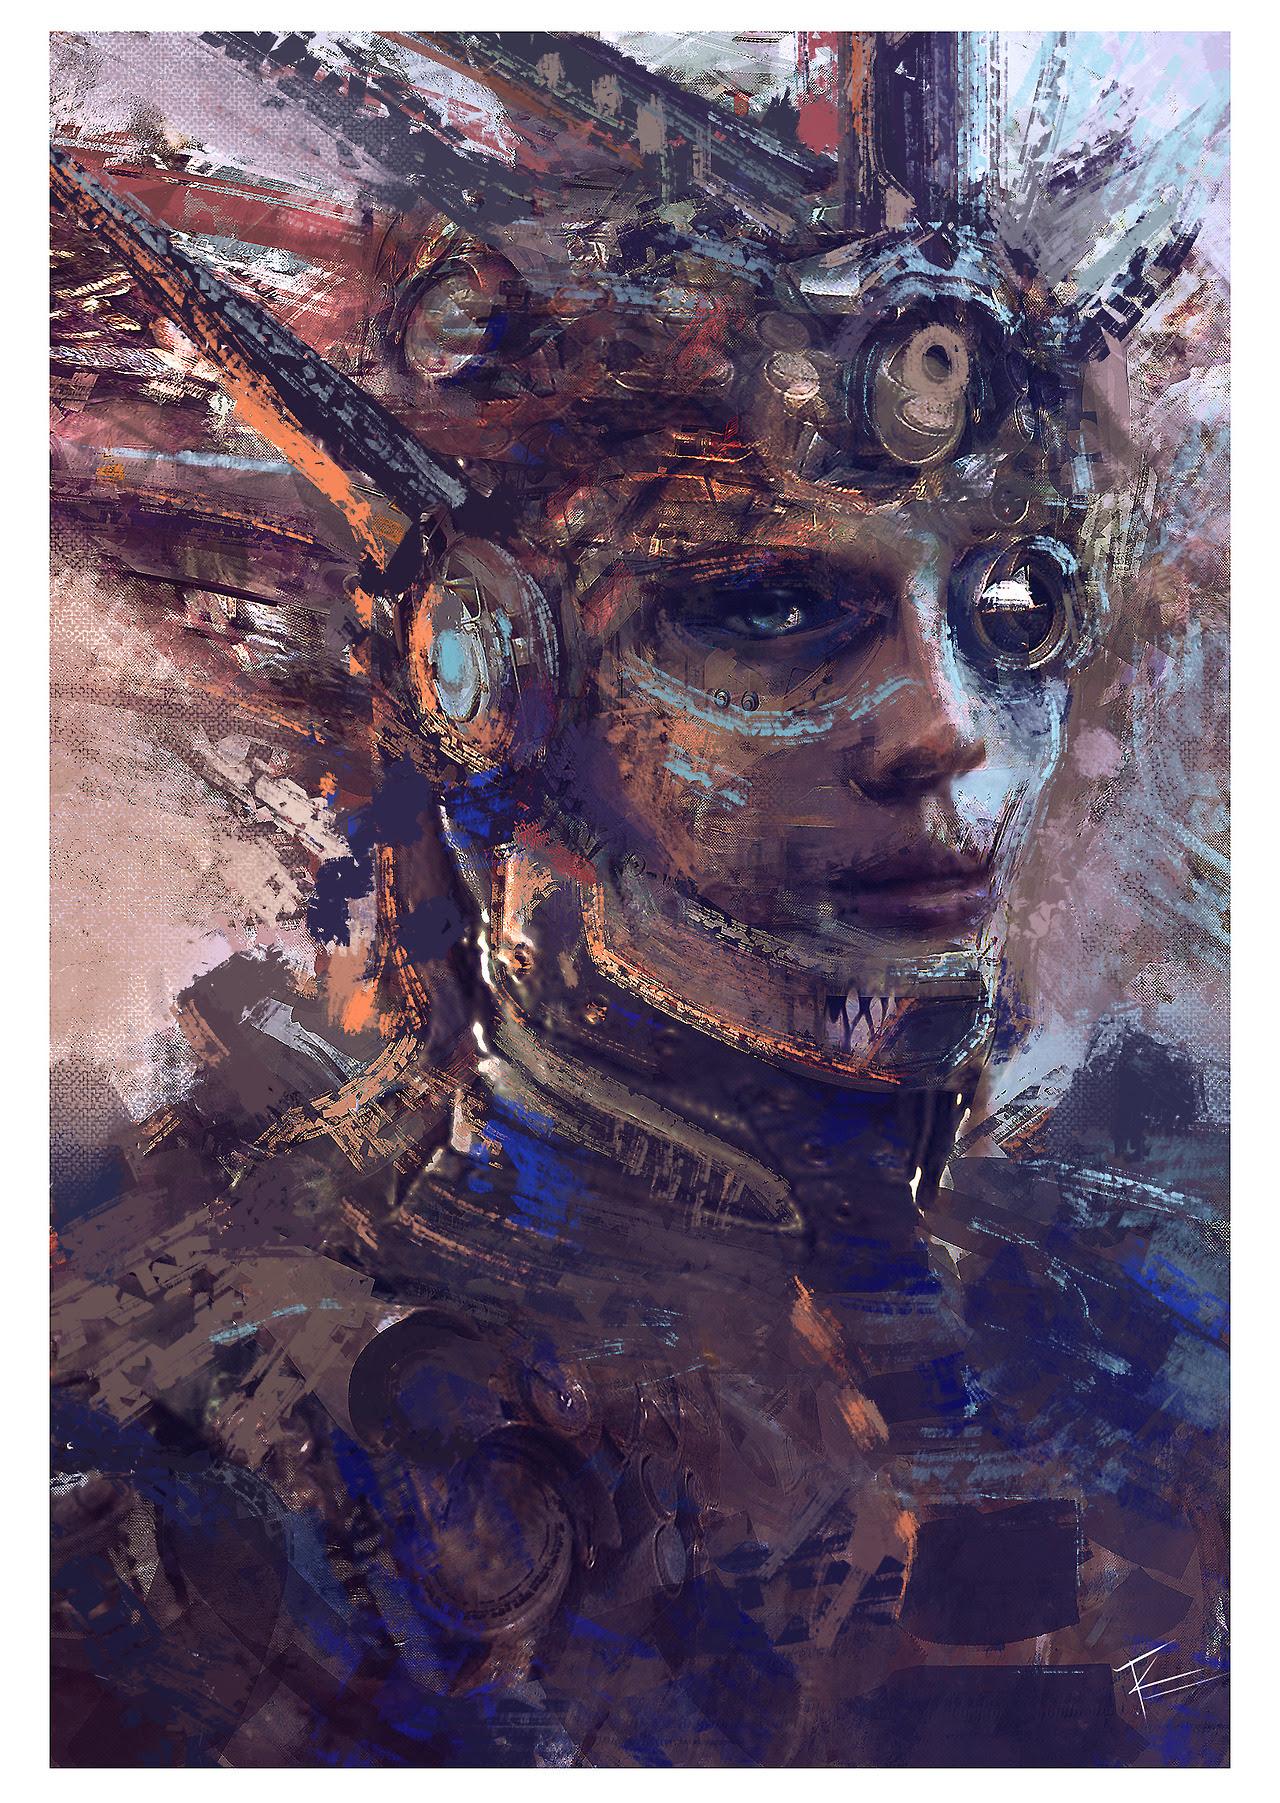 juan-pablo-roldan-illustration-3d-9-1